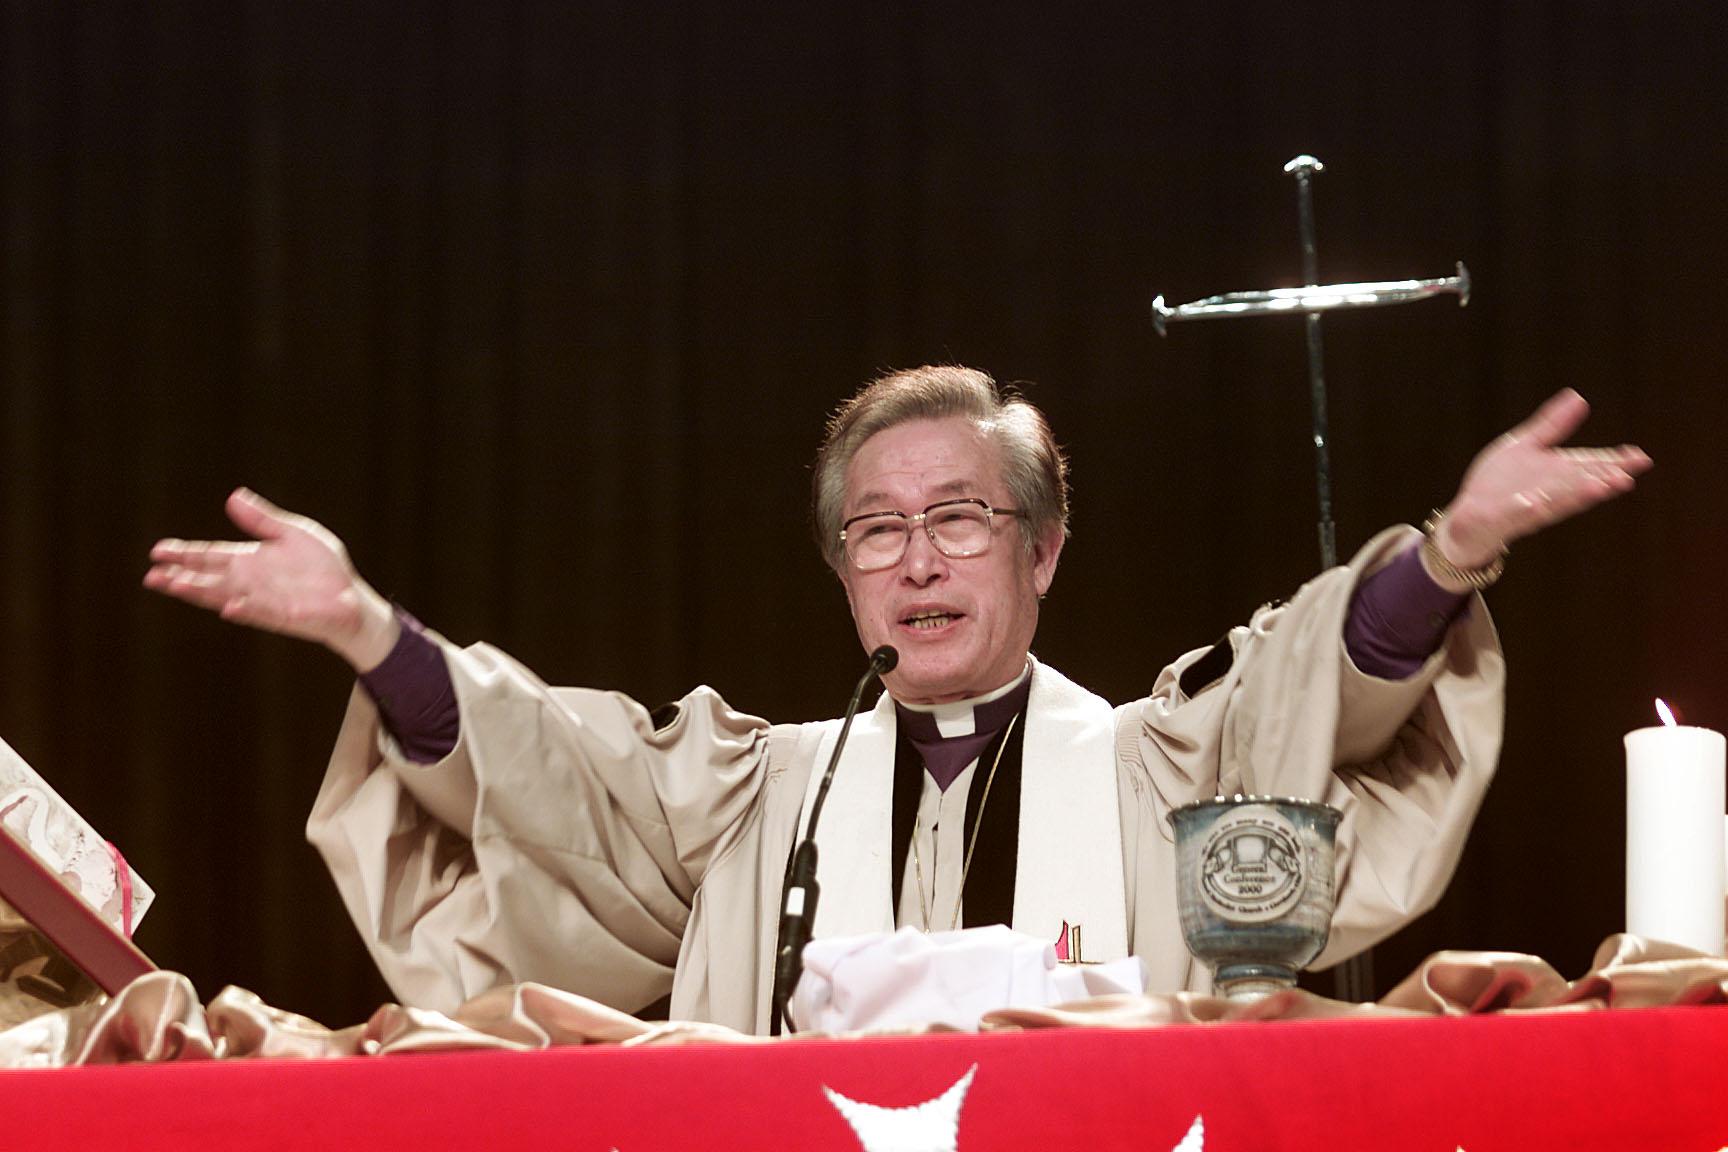 김해종 전 감독이 2000년 5월 12일, 클리브랜드 컨벤션 센터에서 열린 연합감리교회 총회 개회예배 중 성만찬을 집례하고 있다. 사진, 마이크 듀보스, 연합감리교뉴스.